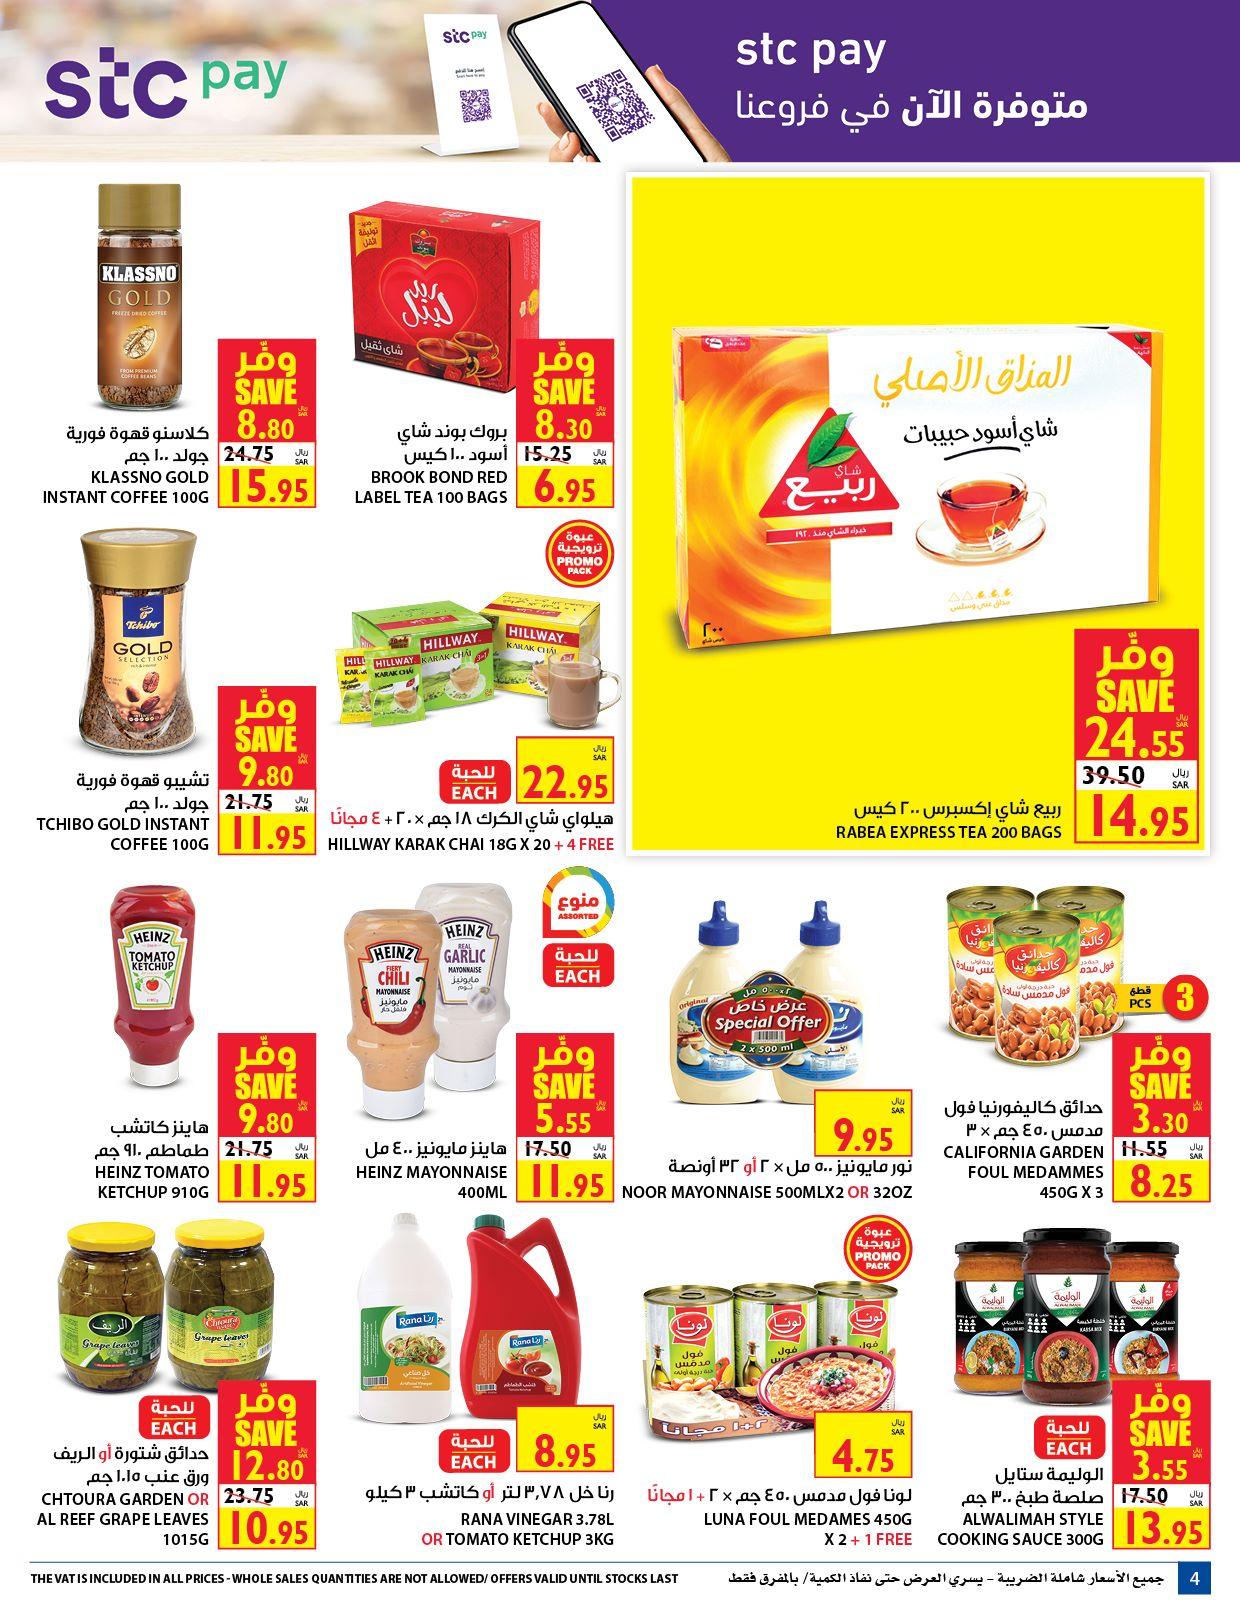 عروض كارفور السعودية اليوم من 12 وحتي 25 أغسطس مهرجان الأسعار المخفضة 4